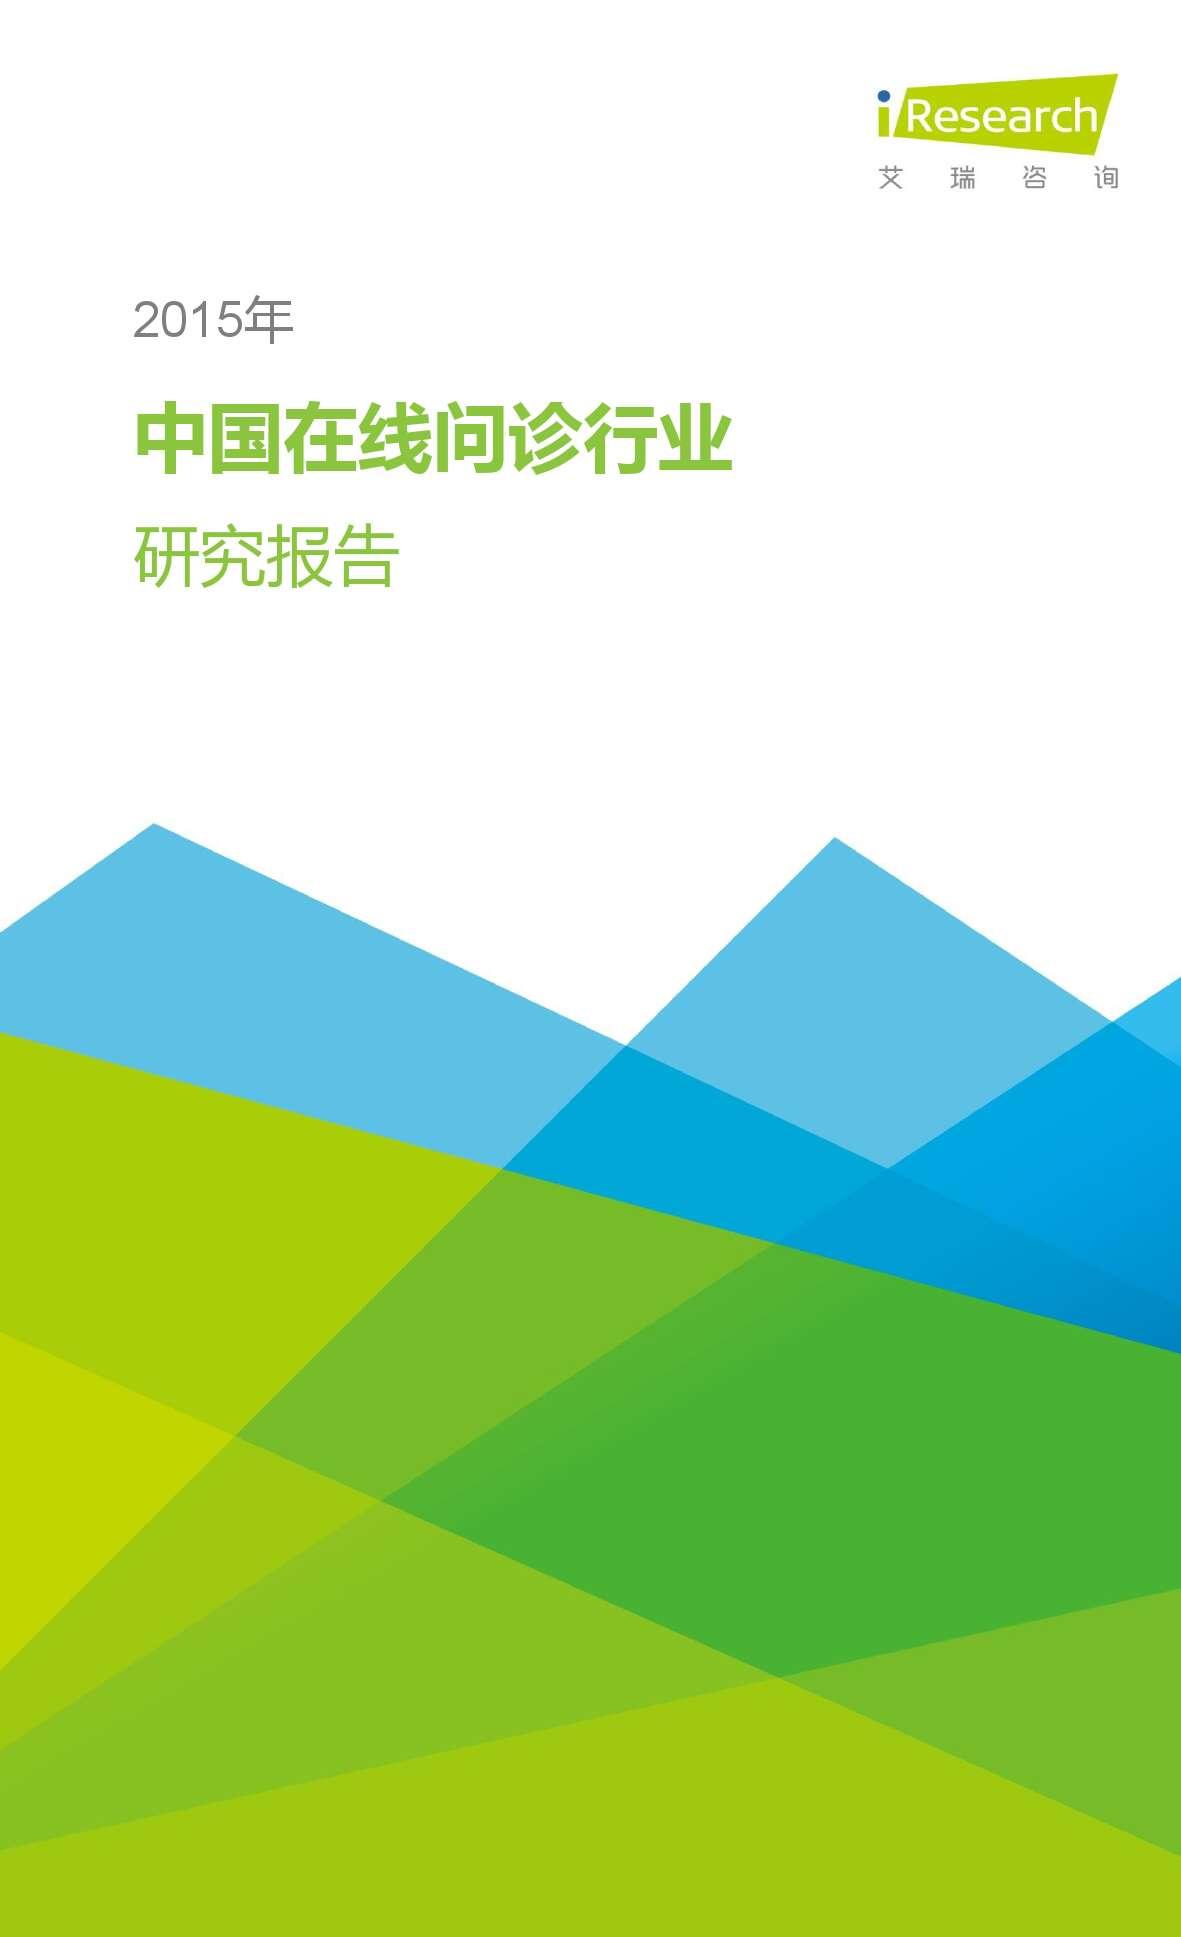 2015年中国在线问诊行业研究报告_000001